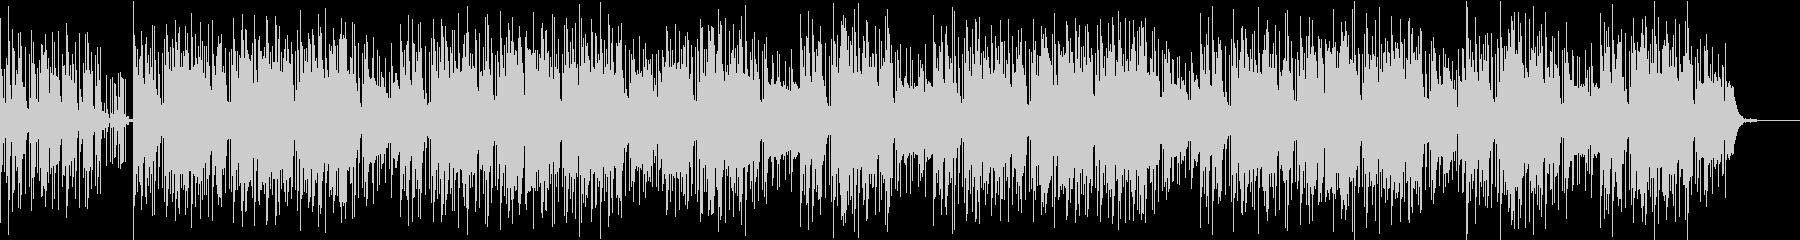 ゆったり落ち着いたヒップホップ系BGMの未再生の波形